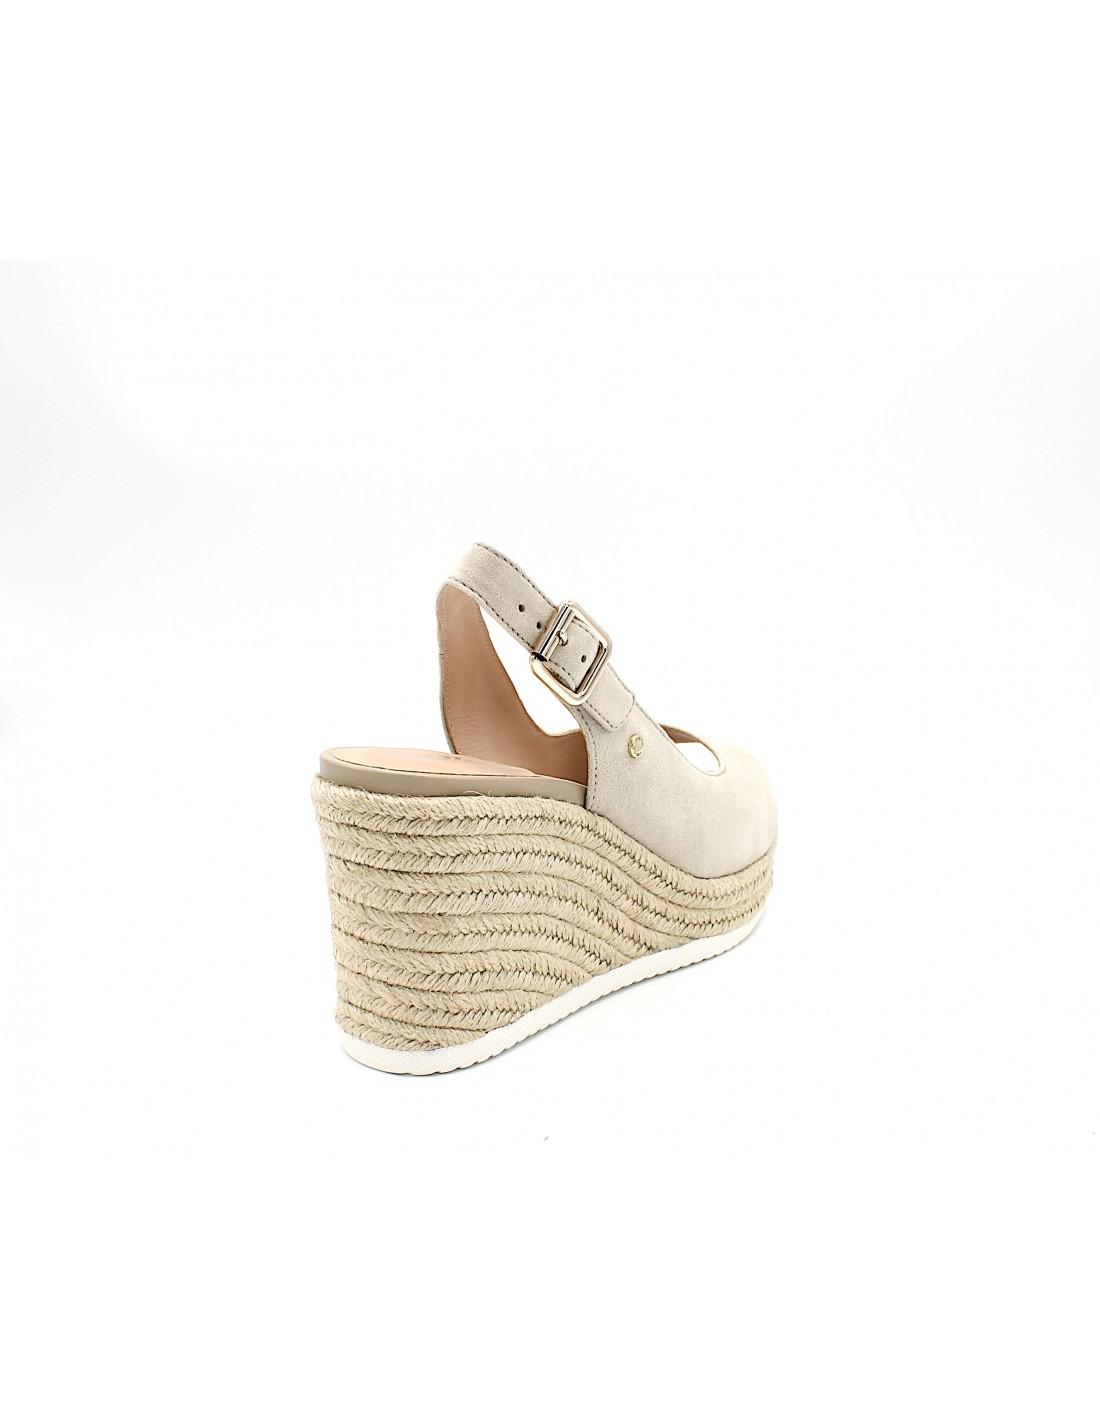 Dettagli su Geox sandali da donna in camoscio con zeppa alta plateau corda tacco alto beige